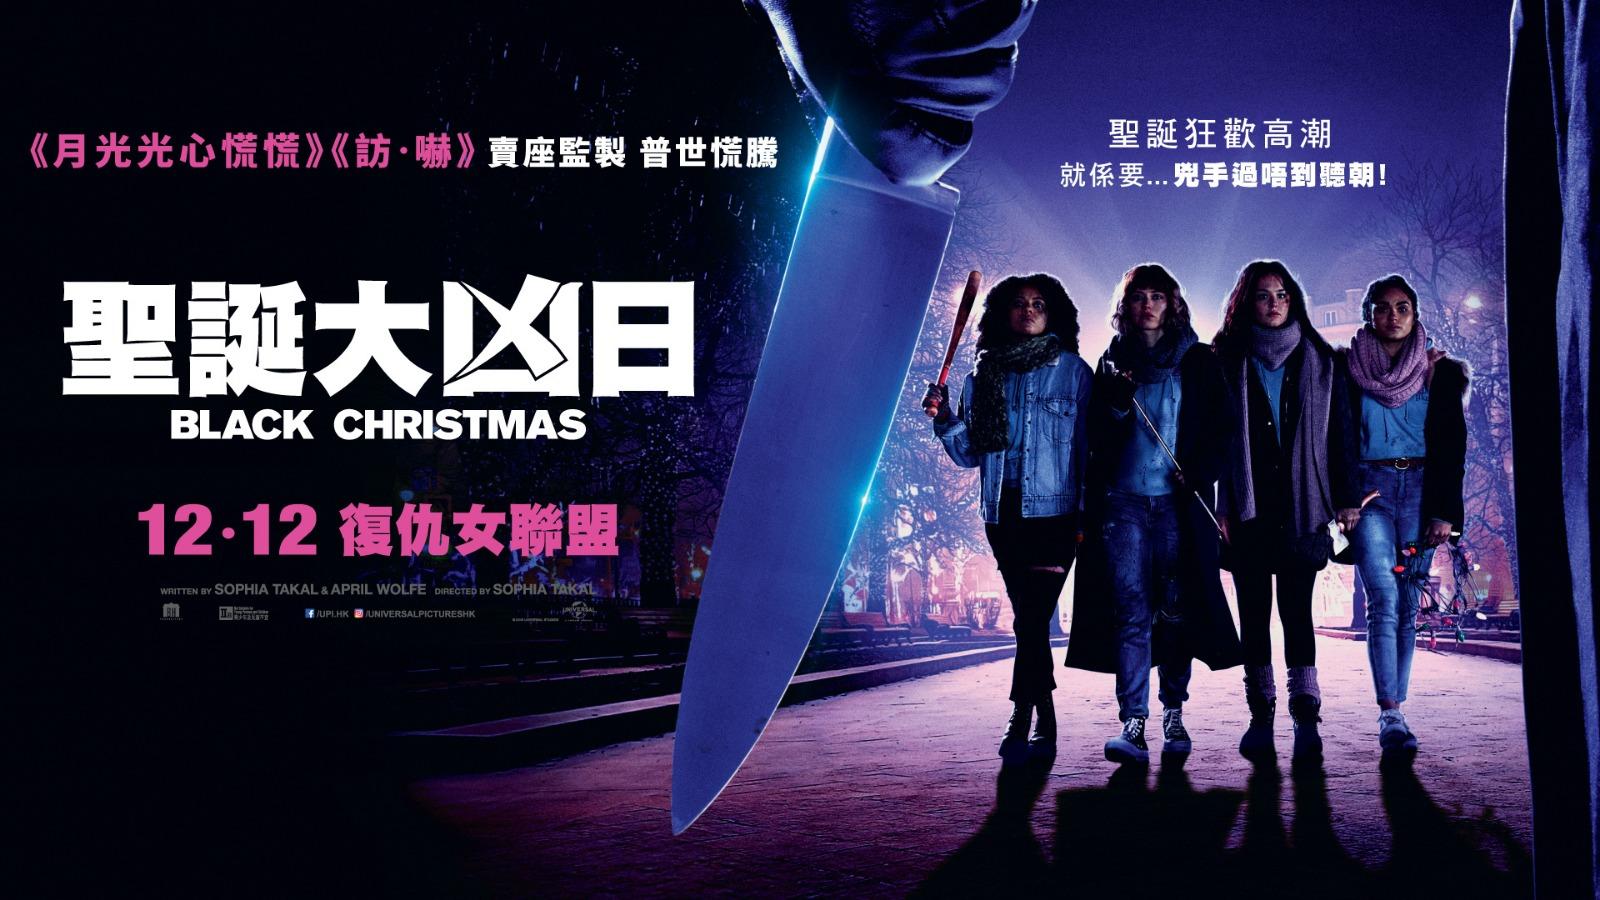 【優先場.送飛】聖誕狂歡高潮搵兇手 —《聖誕大凶日》